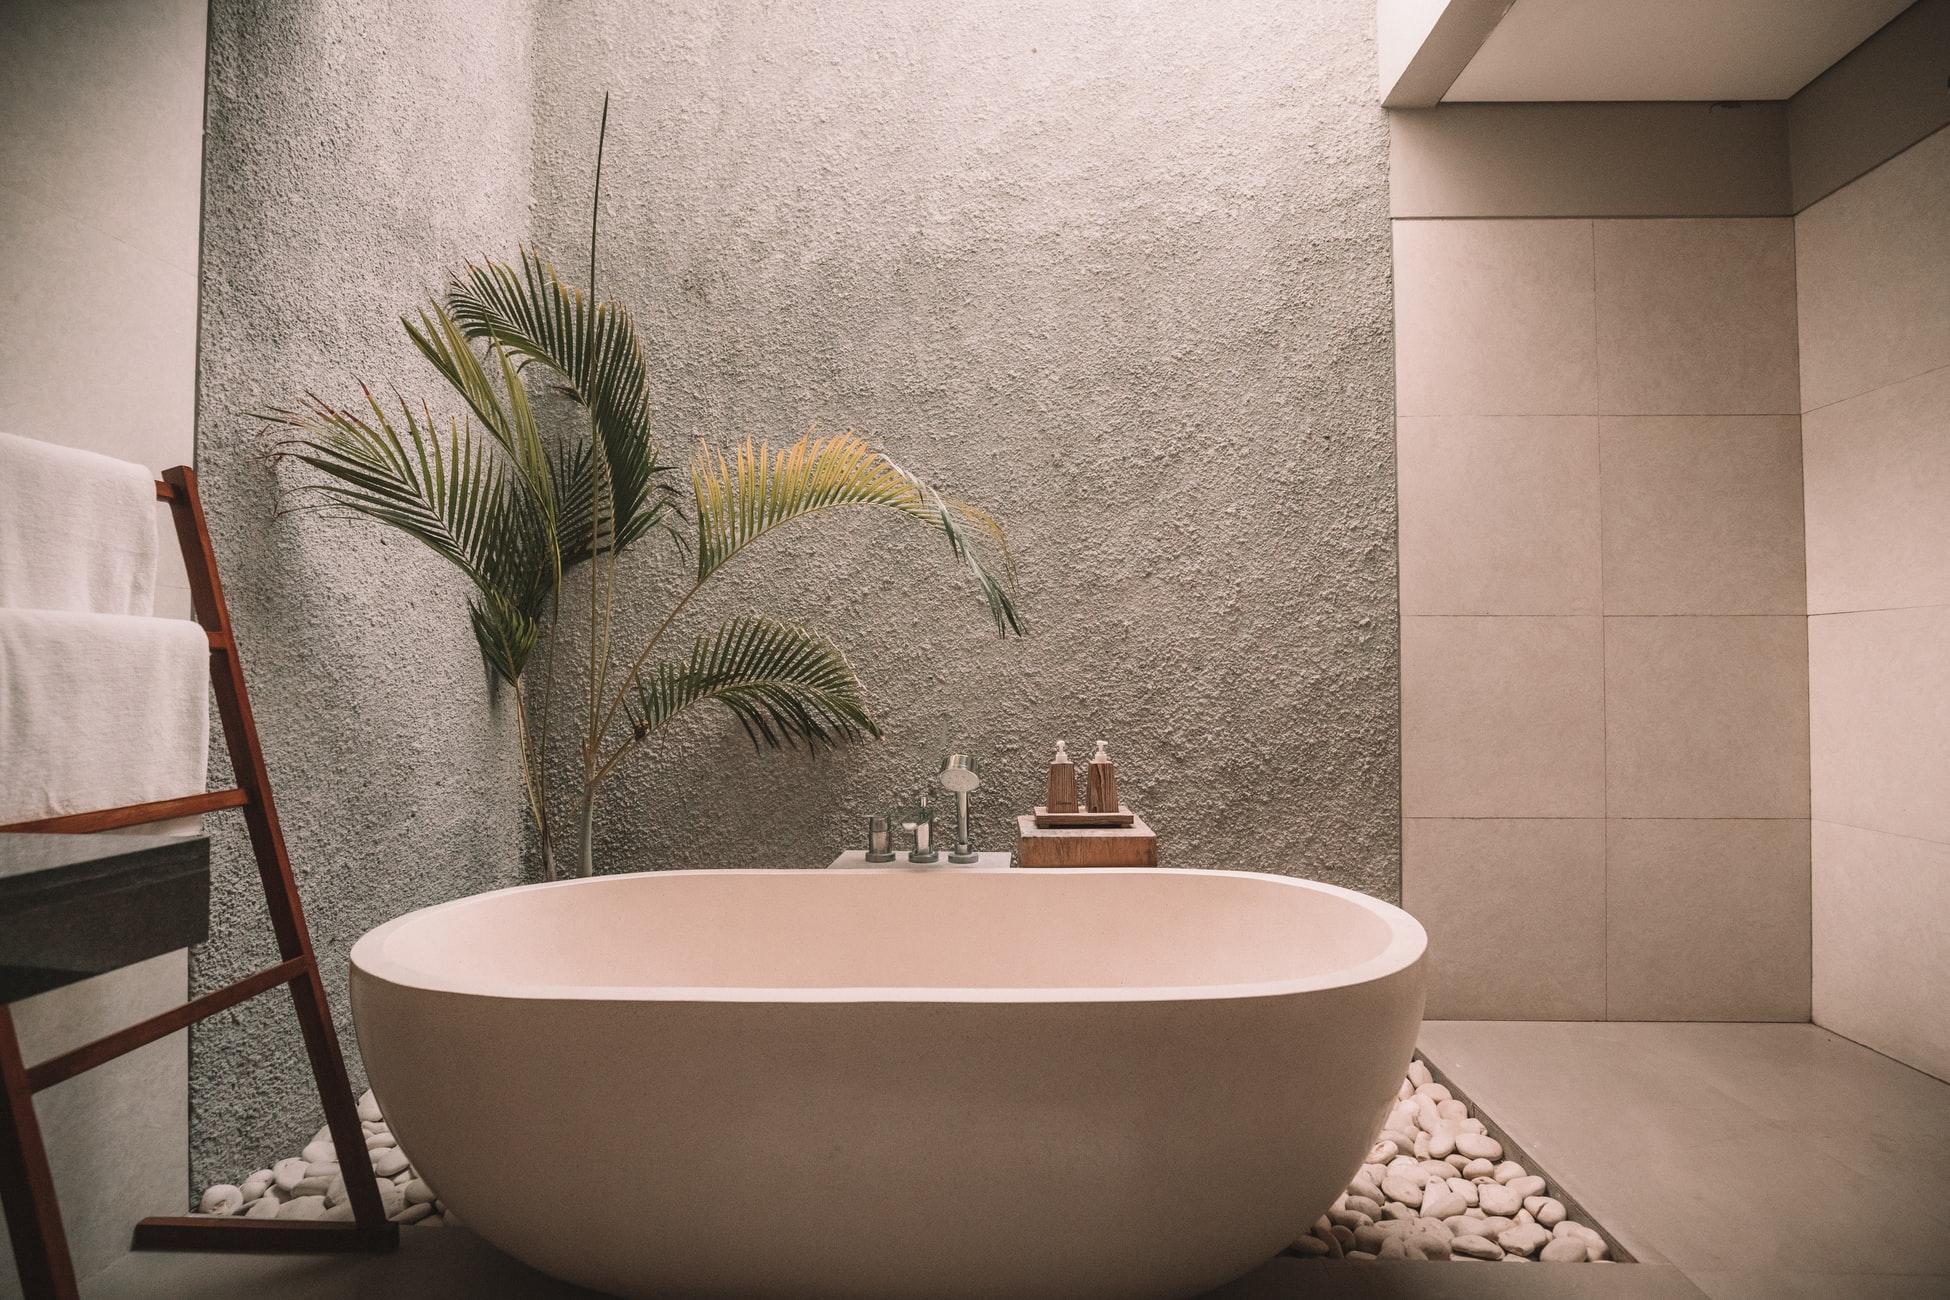 Ванная комната с камушками и растением